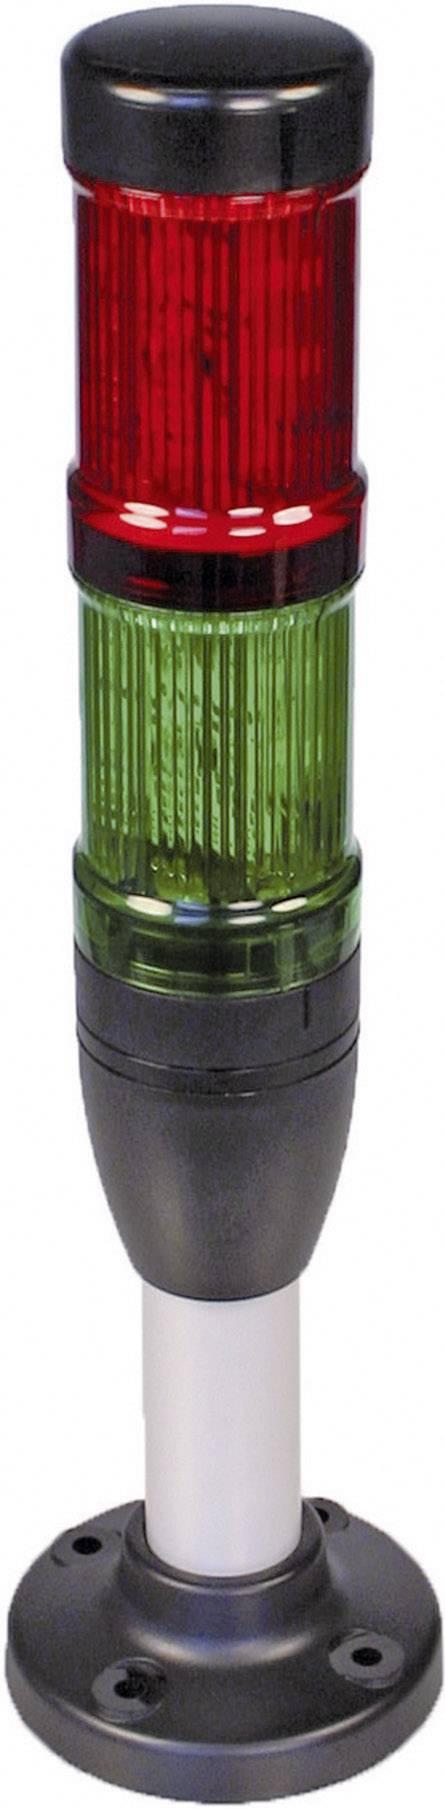 Součást signalizačního sloupku Eaton SL4-100-L-RYG-24LED, 24 V, trvalé světlo, červená, žlutá, zelená